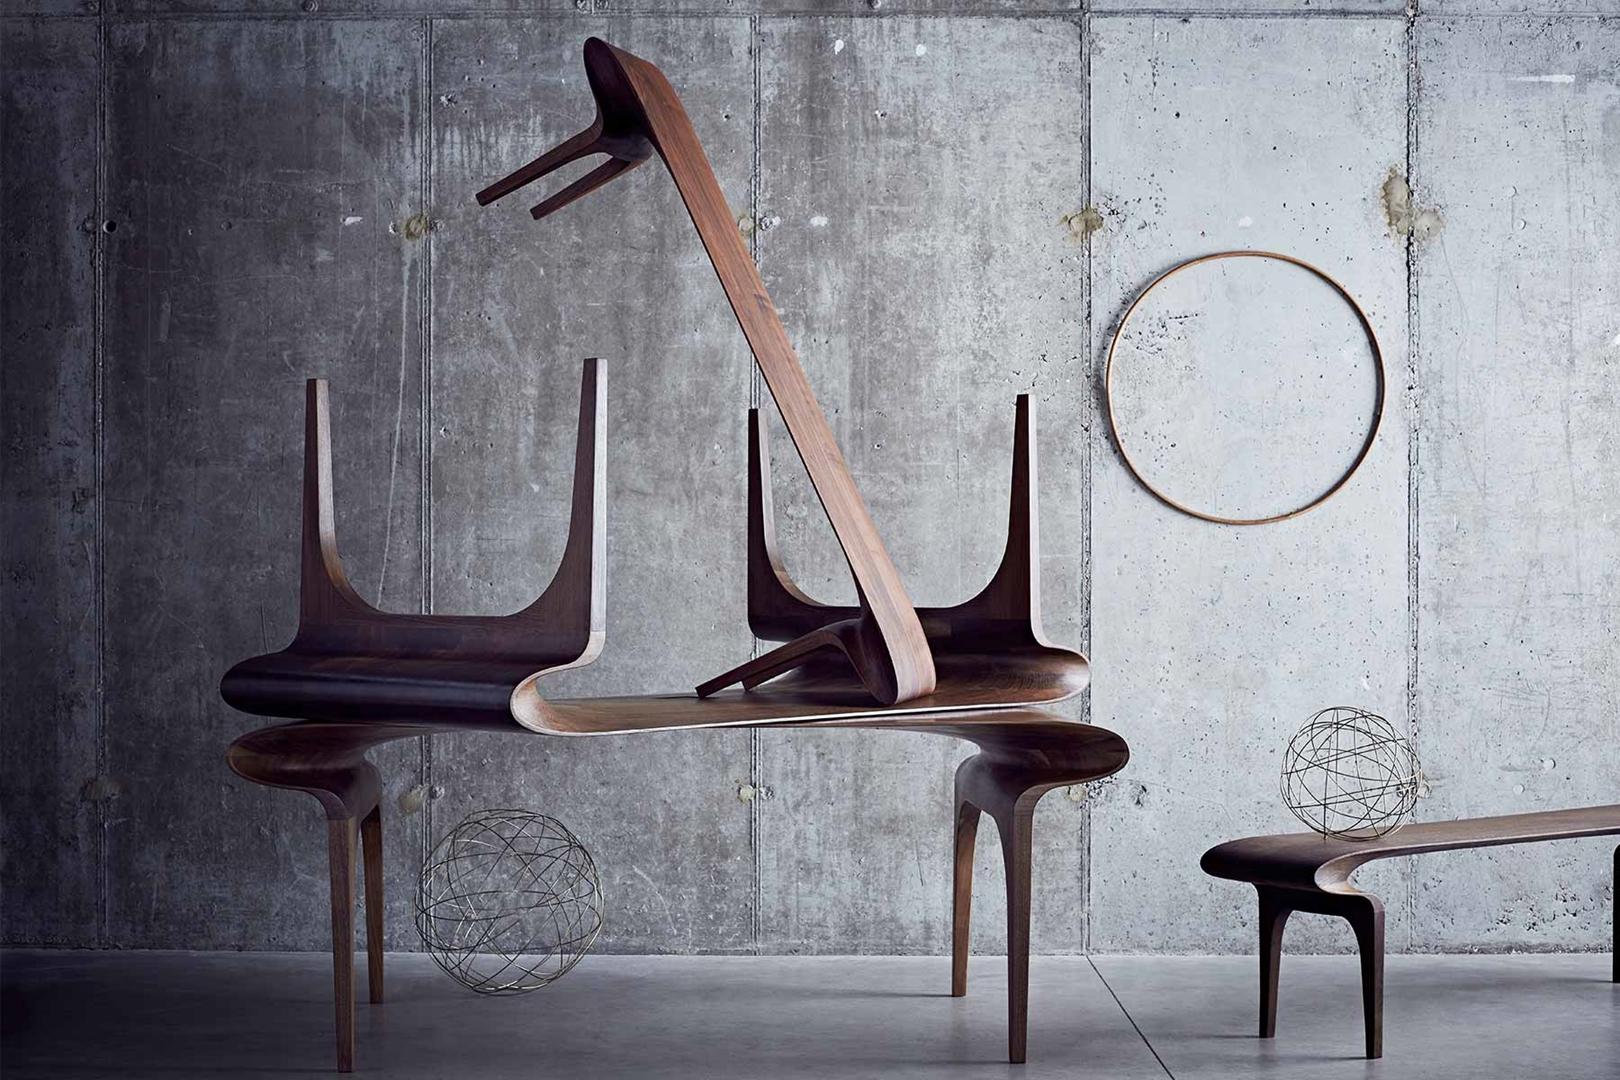 bodo_sperlein_contour_furniture (Copy)